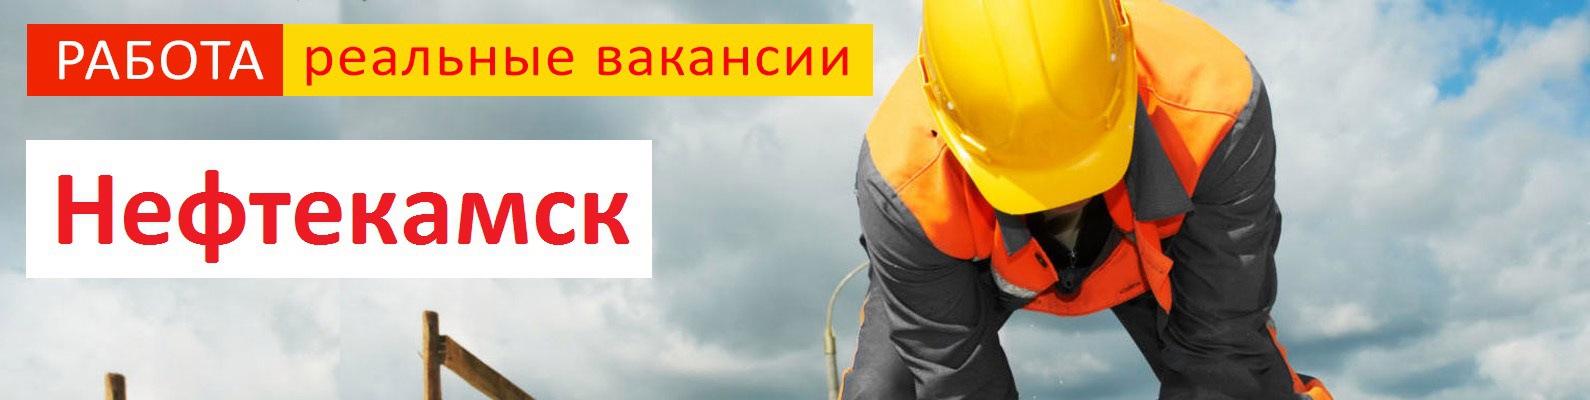 телефоны, ищу работу бергад плотник уфа территории Кремля, выезд